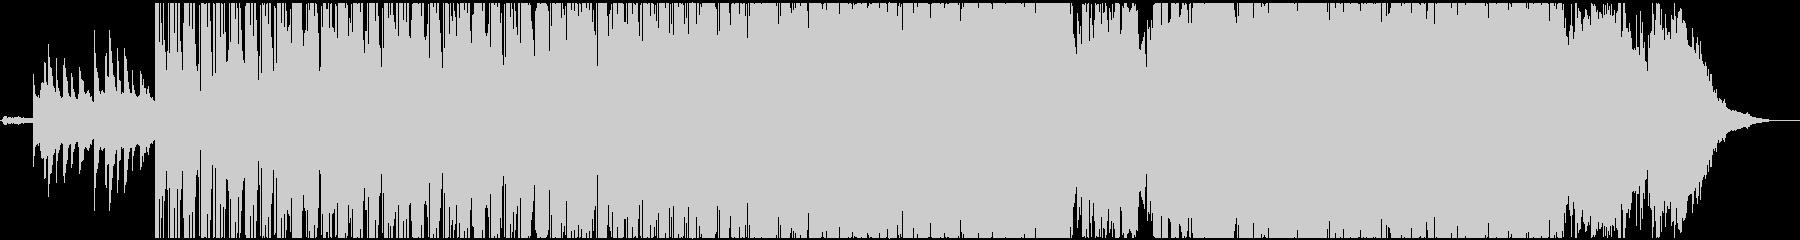 ウォーデンクリフのささやきの未再生の波形